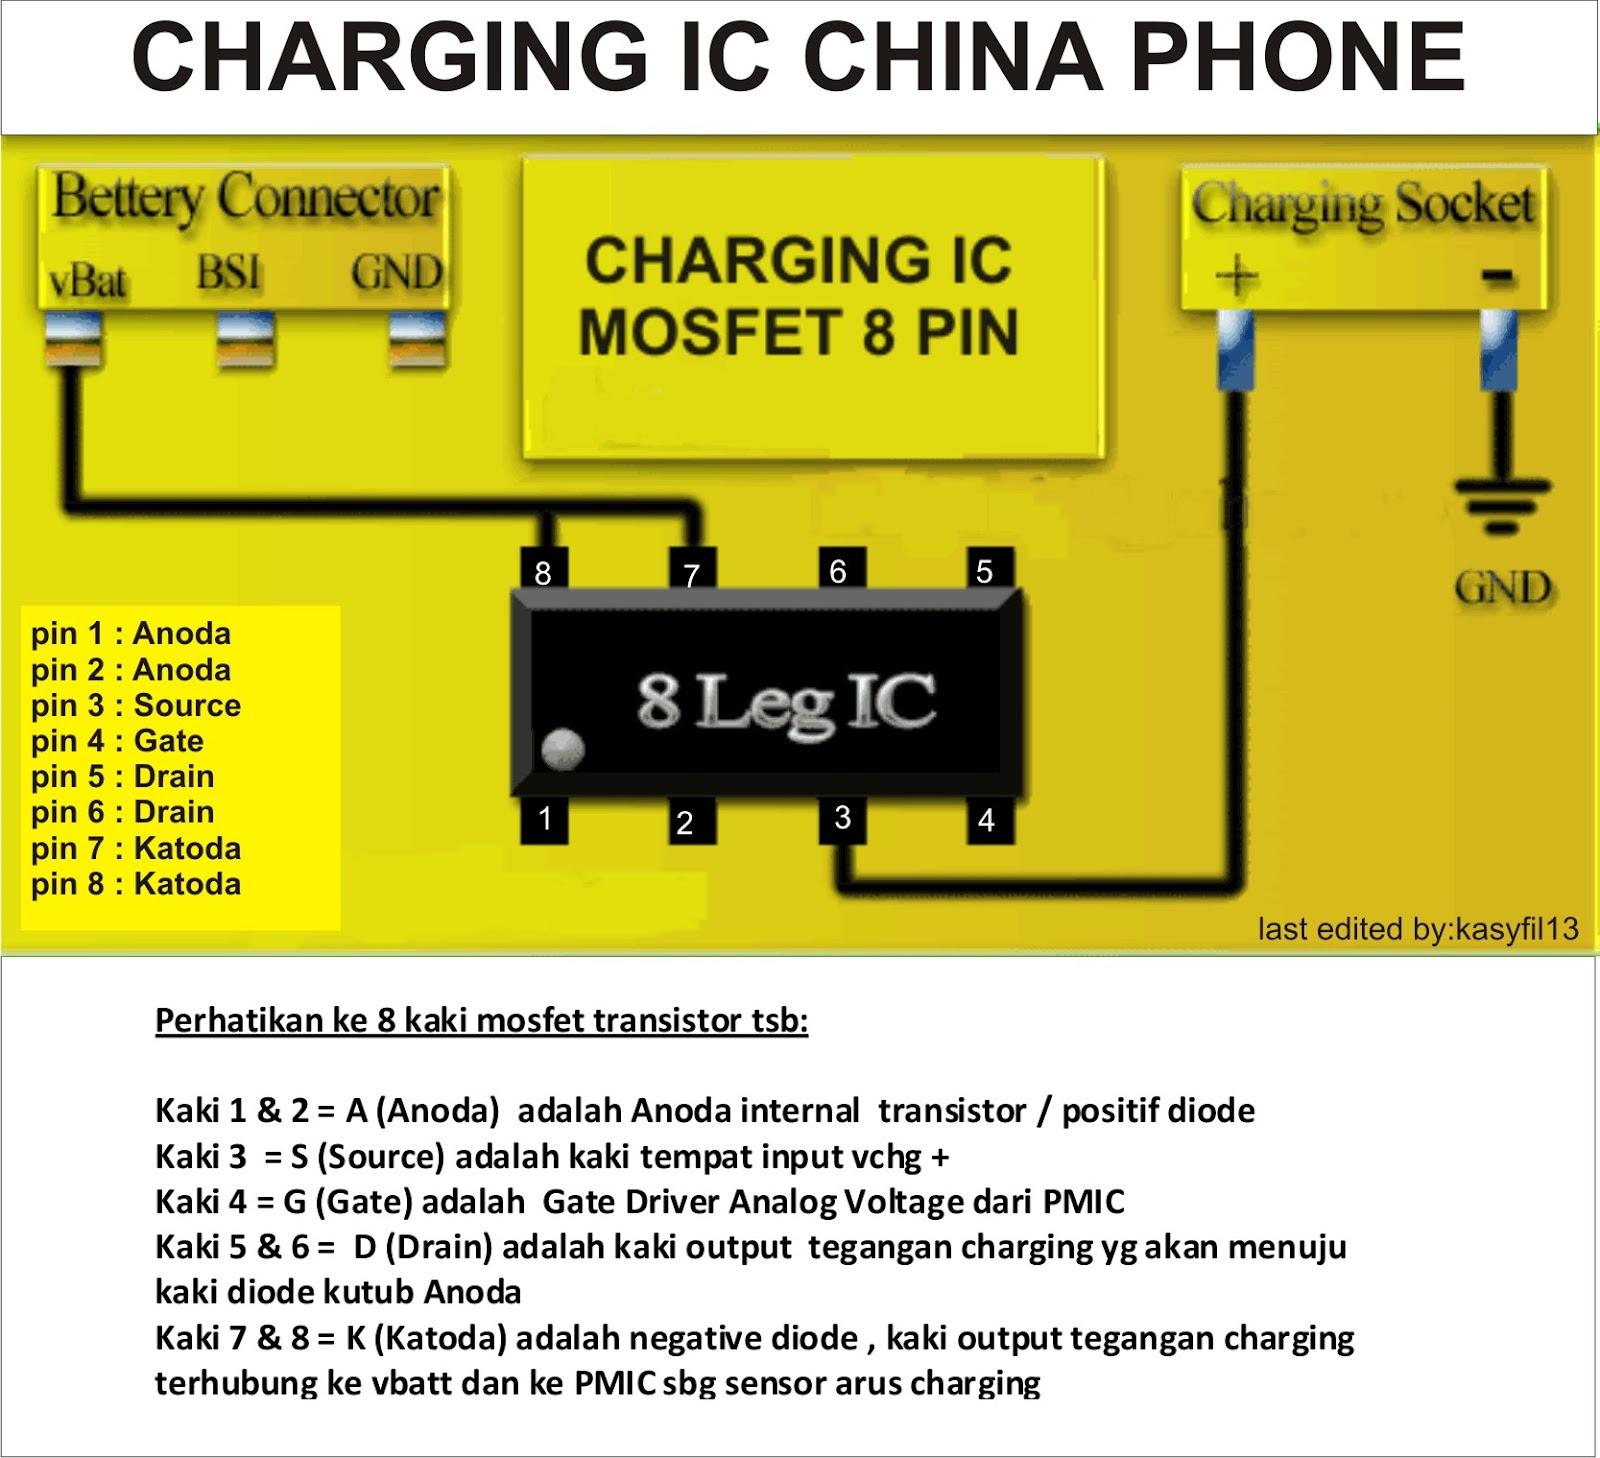 Sistem Charging Pada Ponsel China